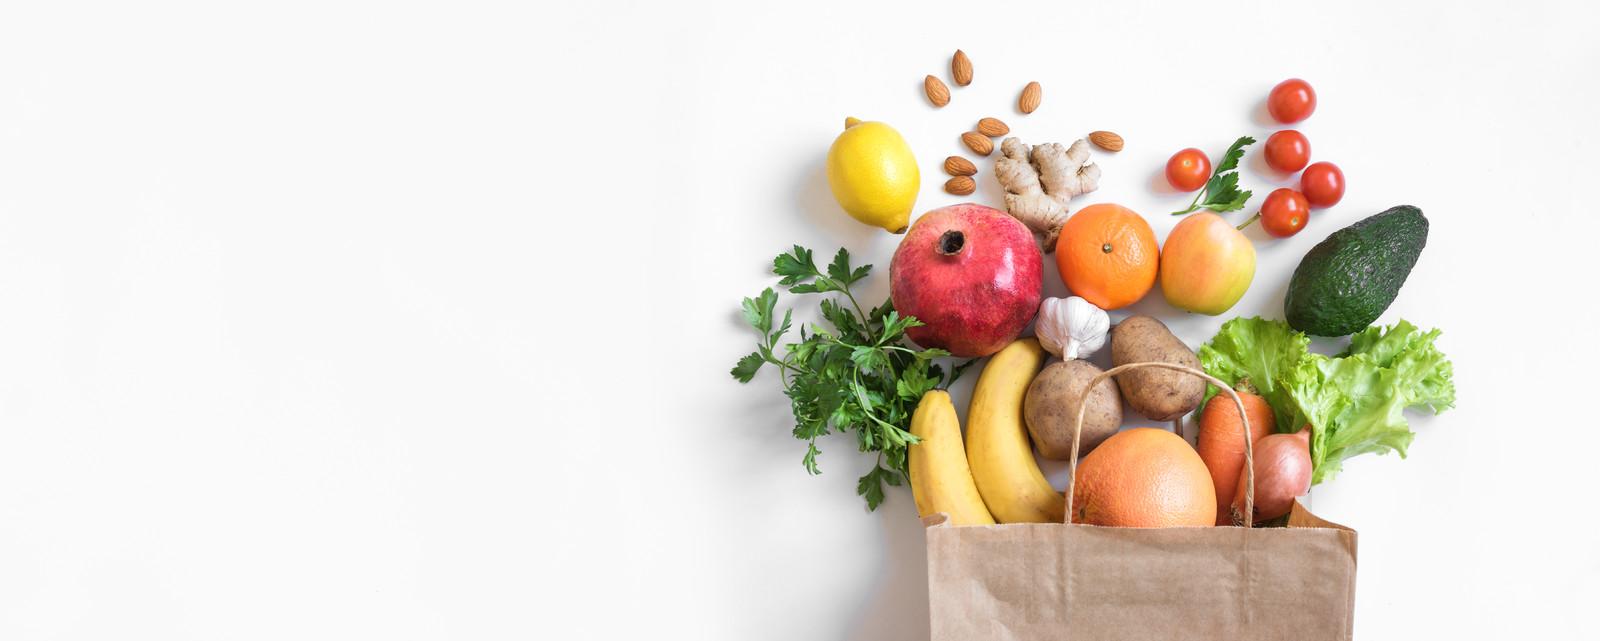 Veel groenten en fruit in deze boodschappenlijst.